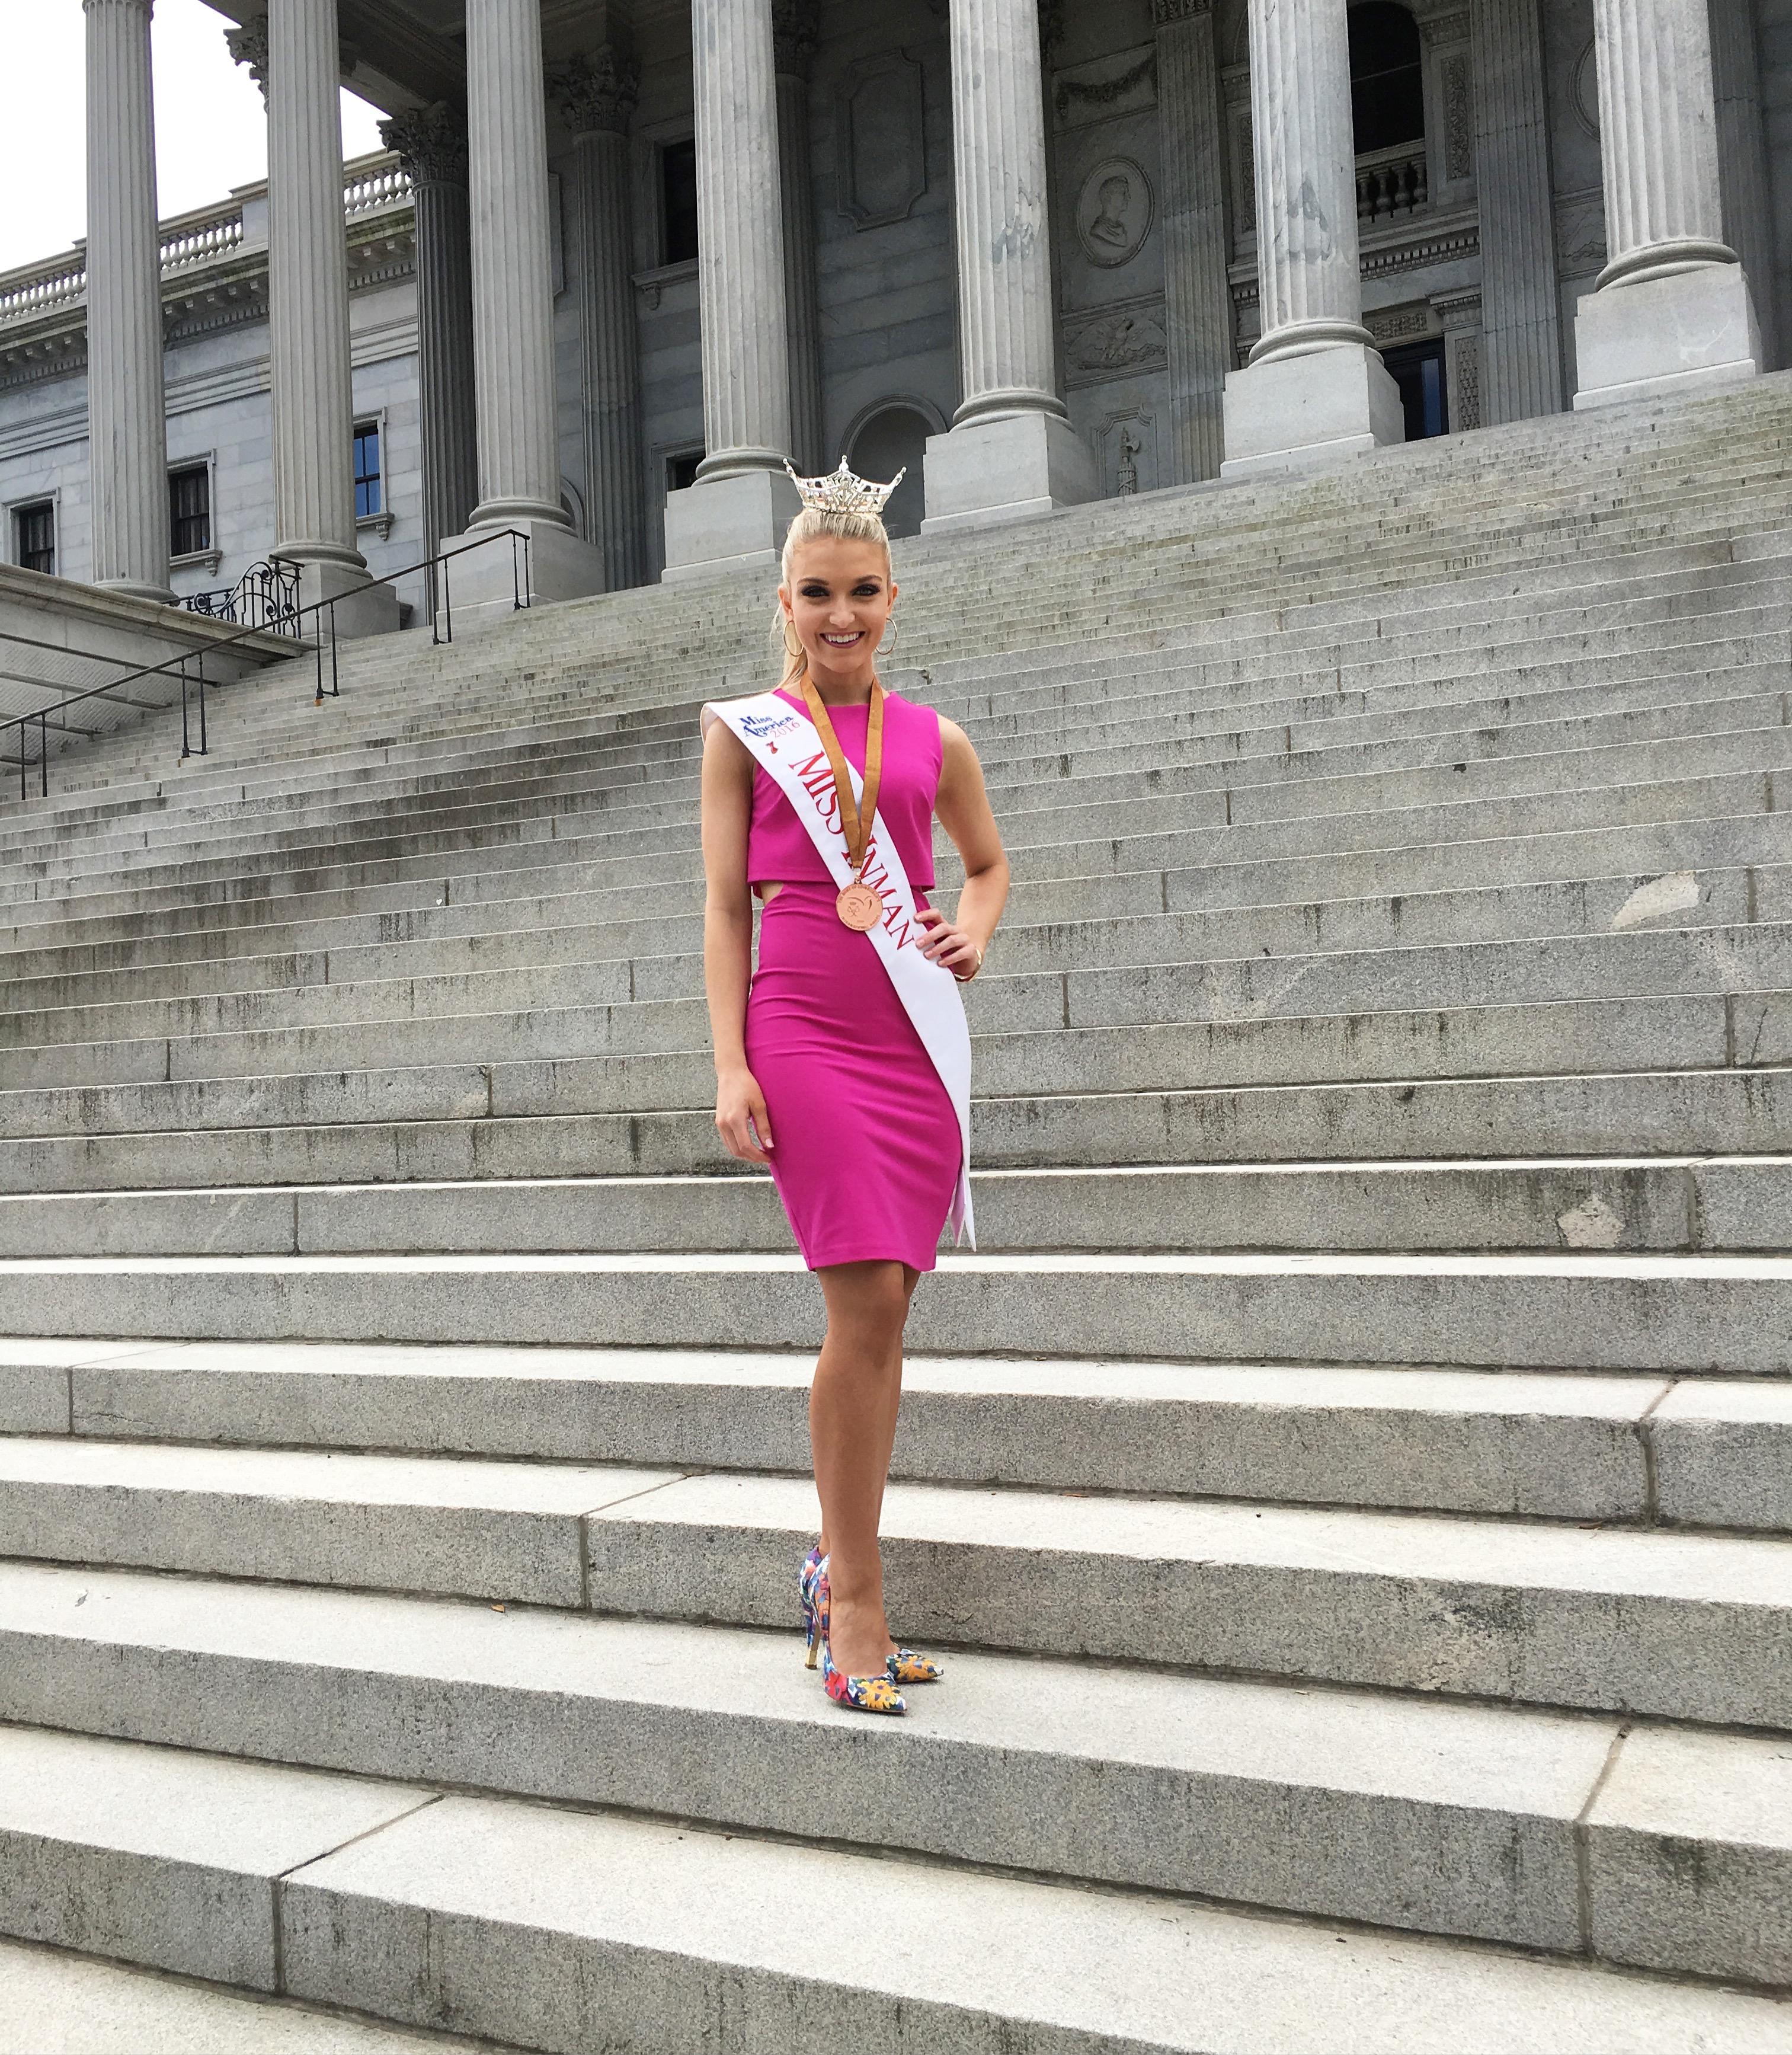 Miss Inman 2016